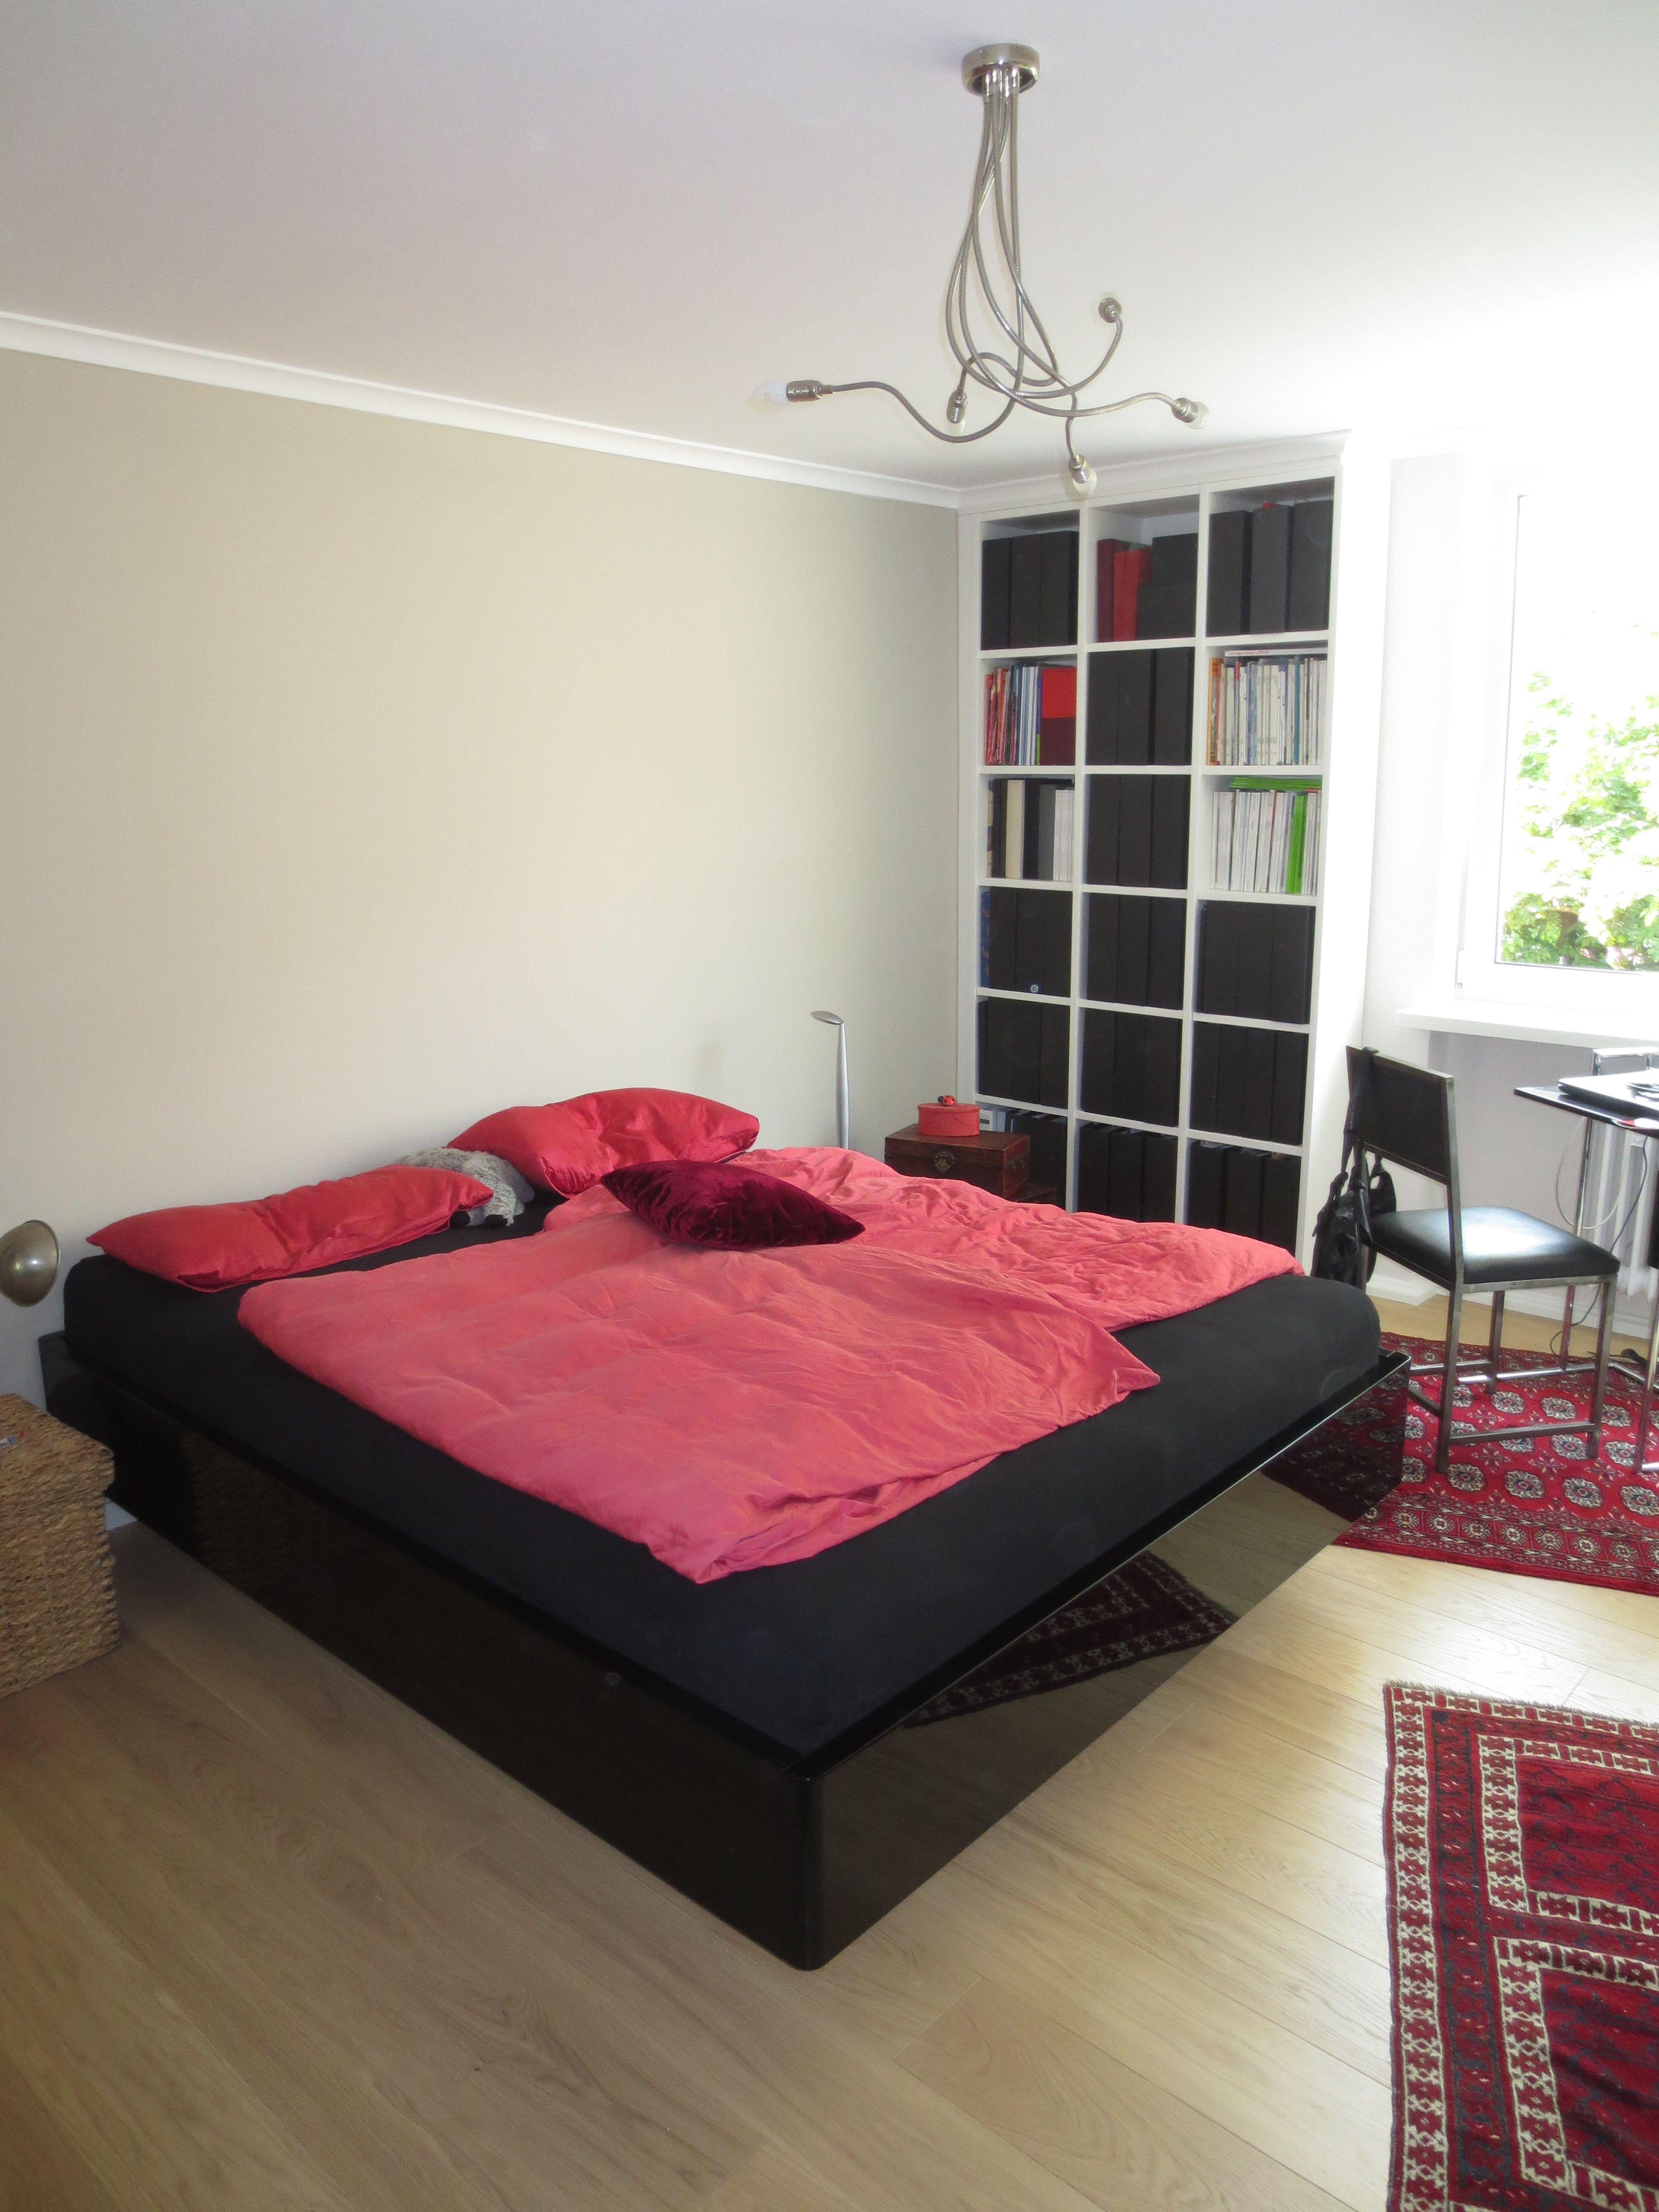 Bett in Hochglanz schwarz